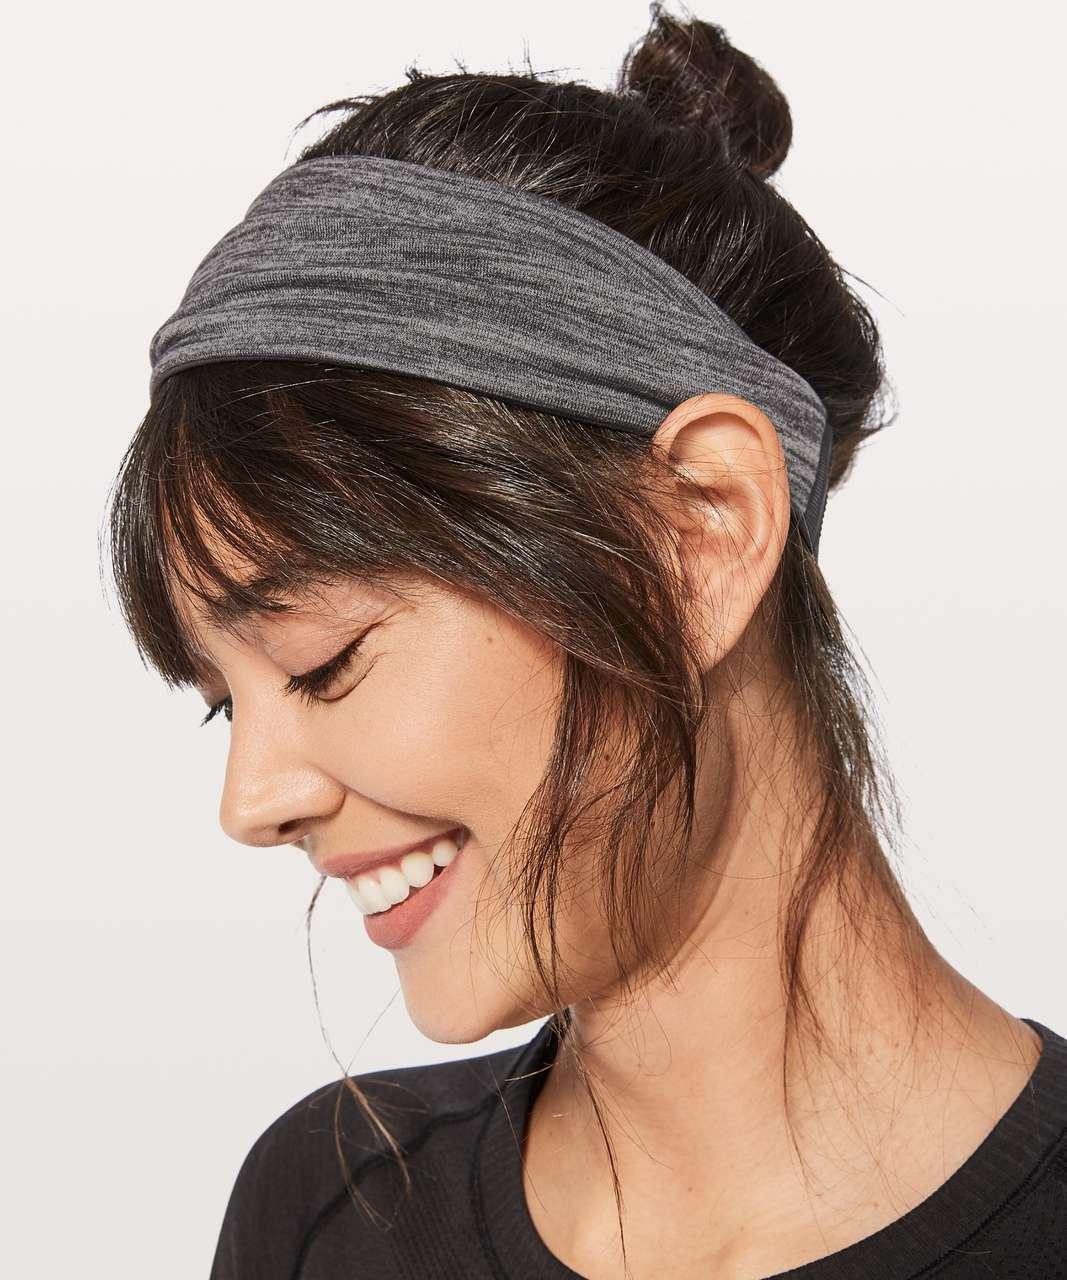 Lululemon Fringe Fighter Headband - Heathered Black / Black